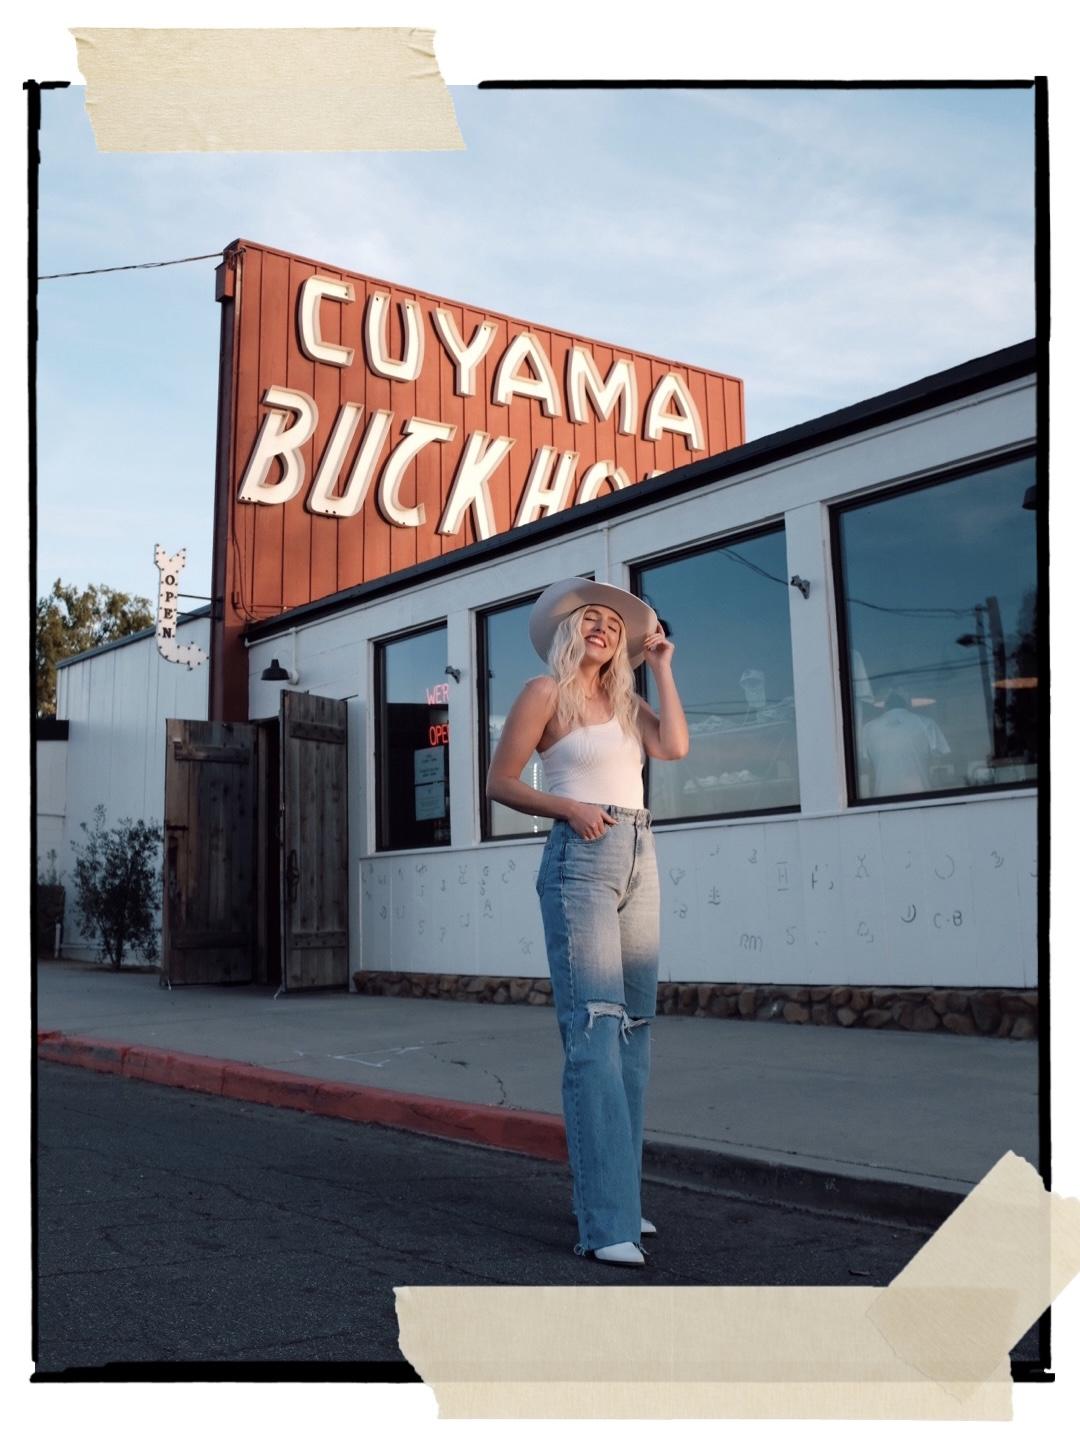 BEST ROAD TRIP FROM LA: CUYAMA BUCKHORN